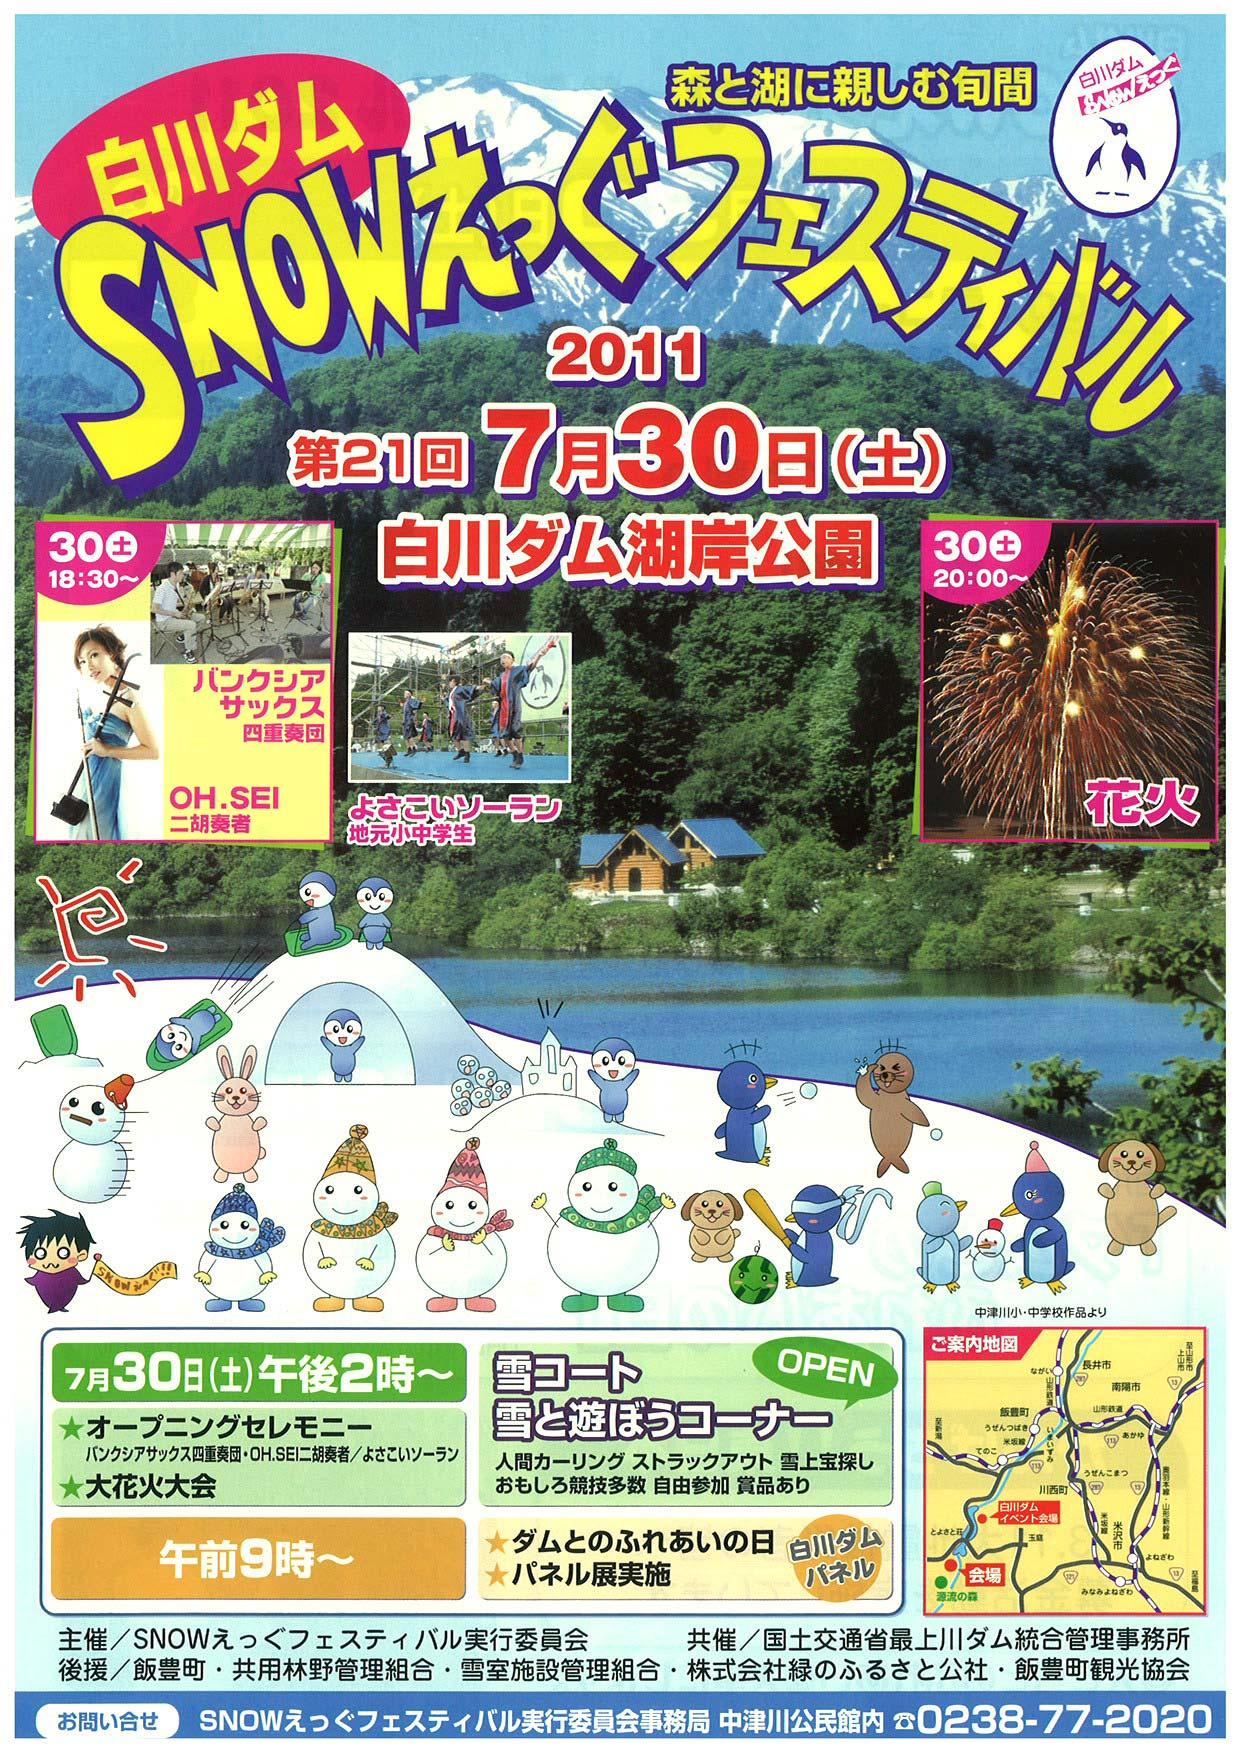 6/29 SNOWえっぐフェスティバル2011!!